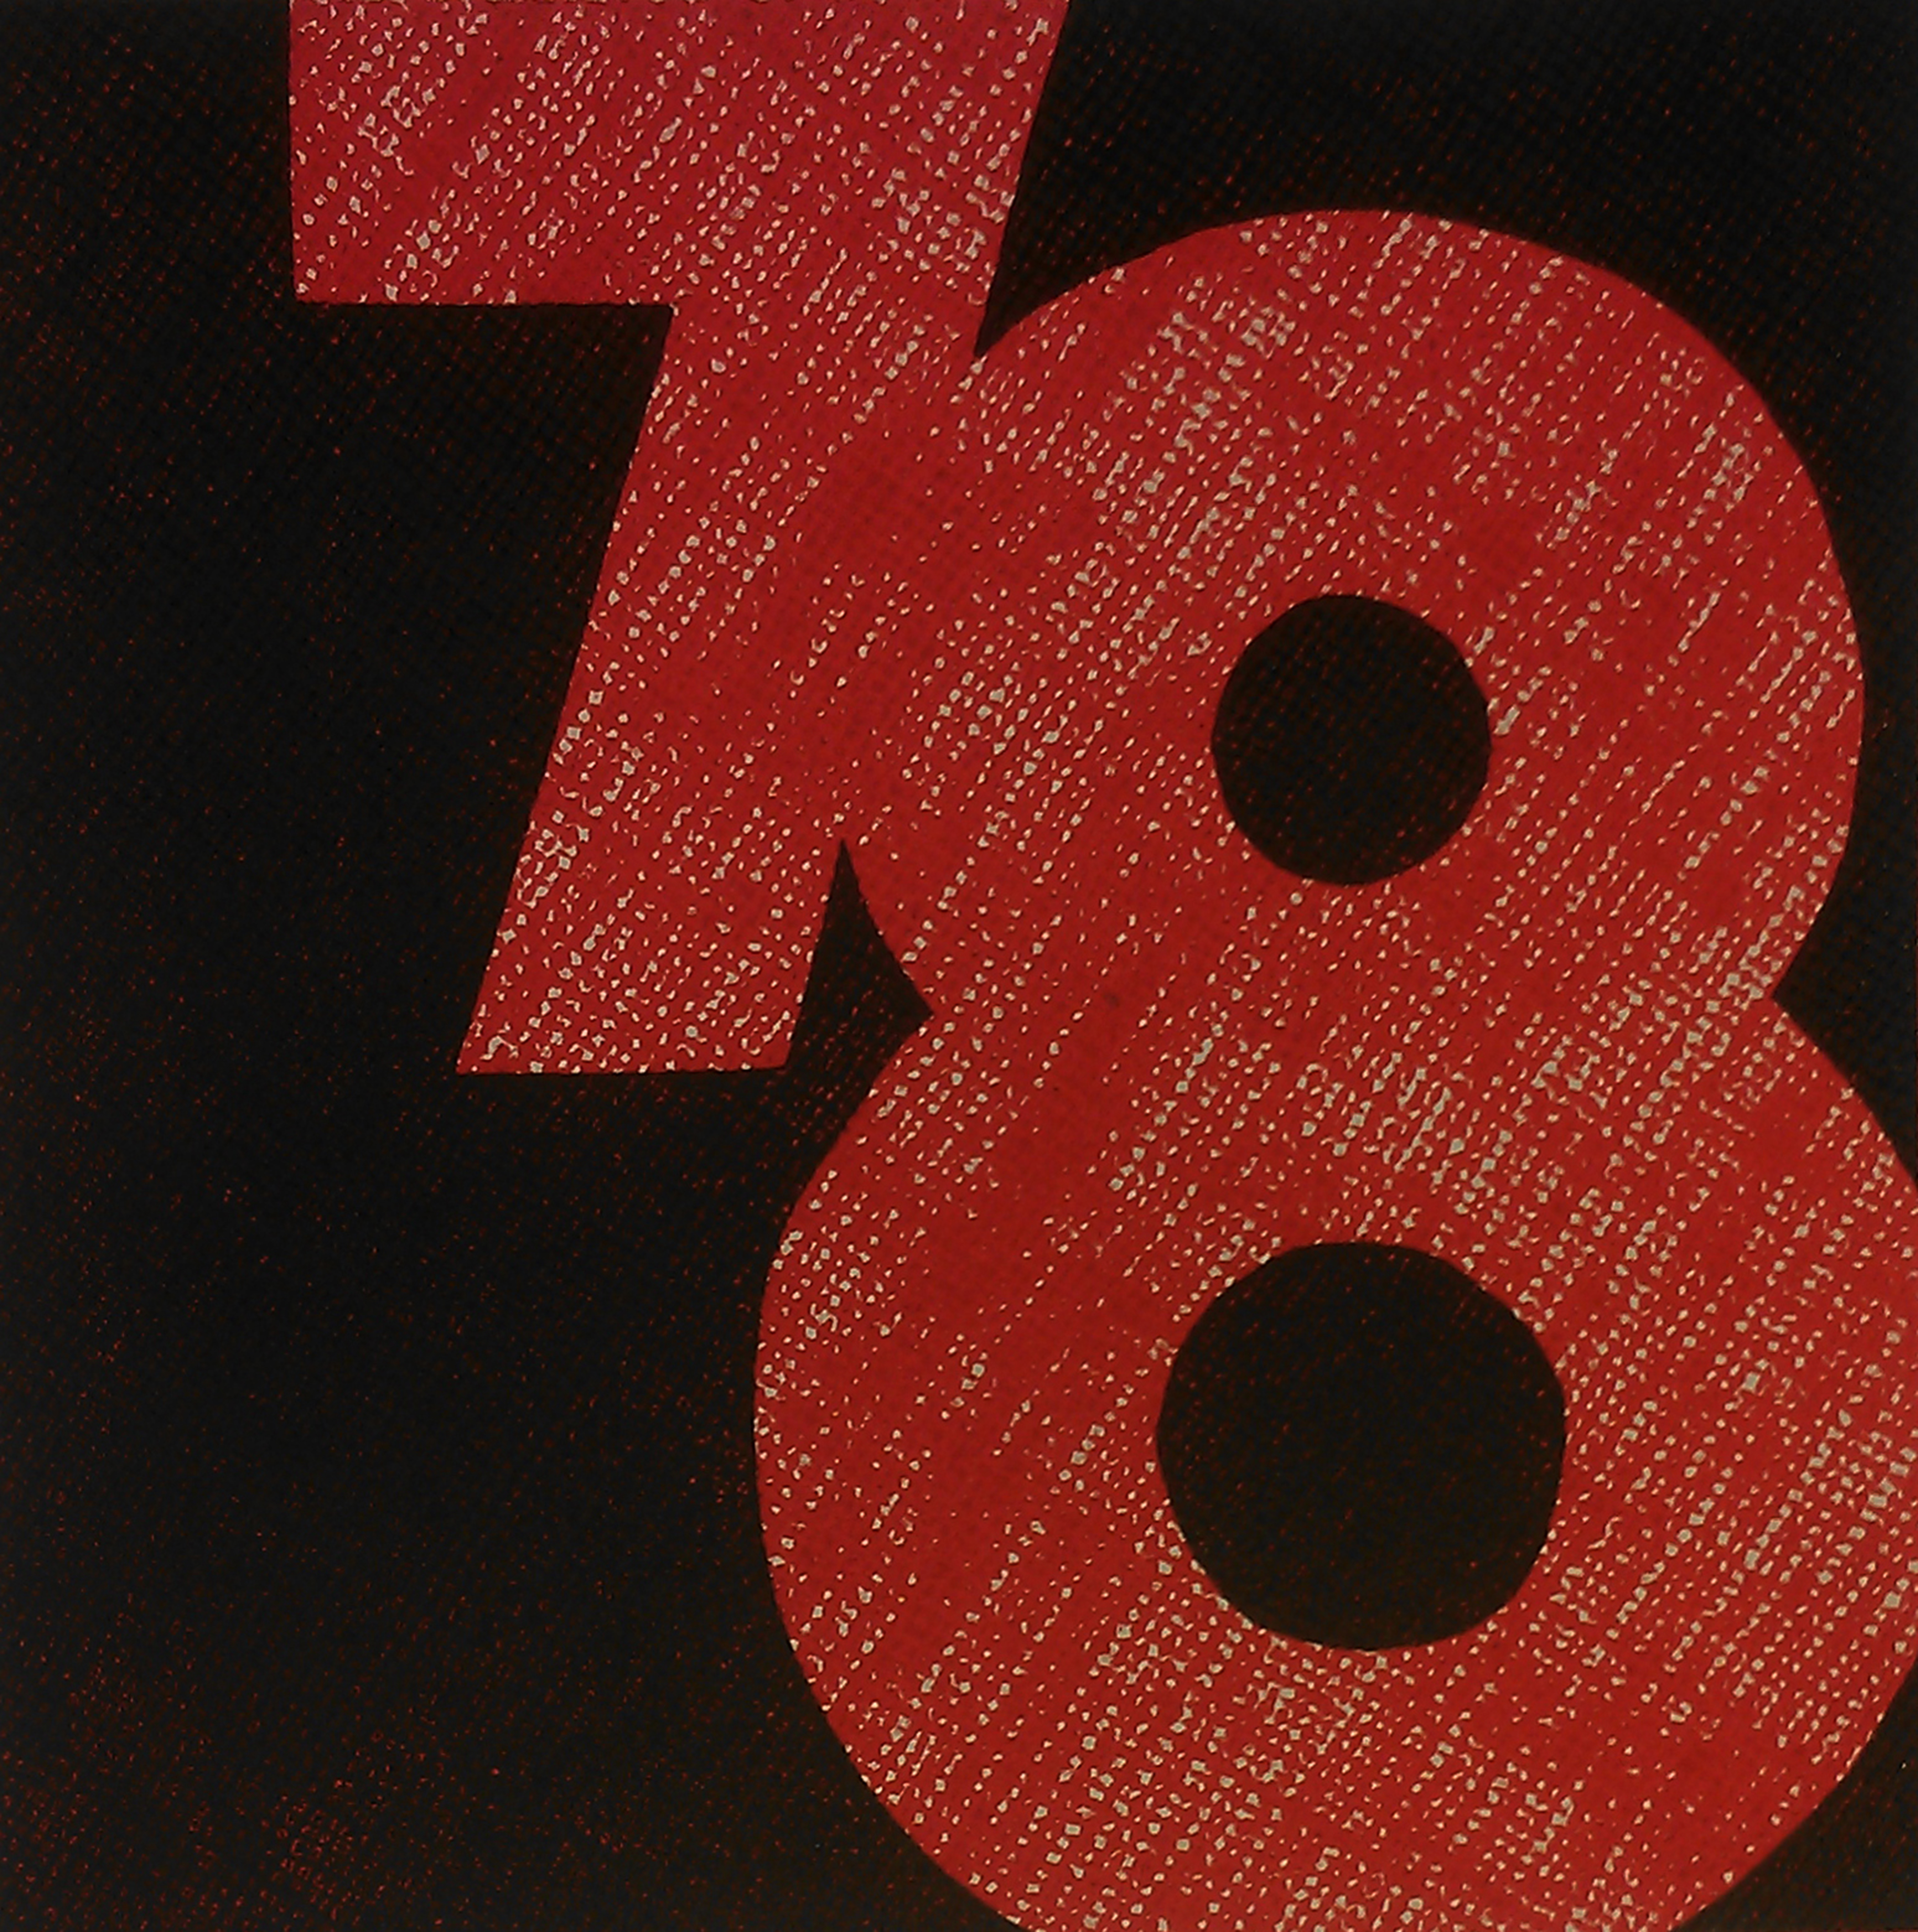 rjp_numbers_7_8_2012